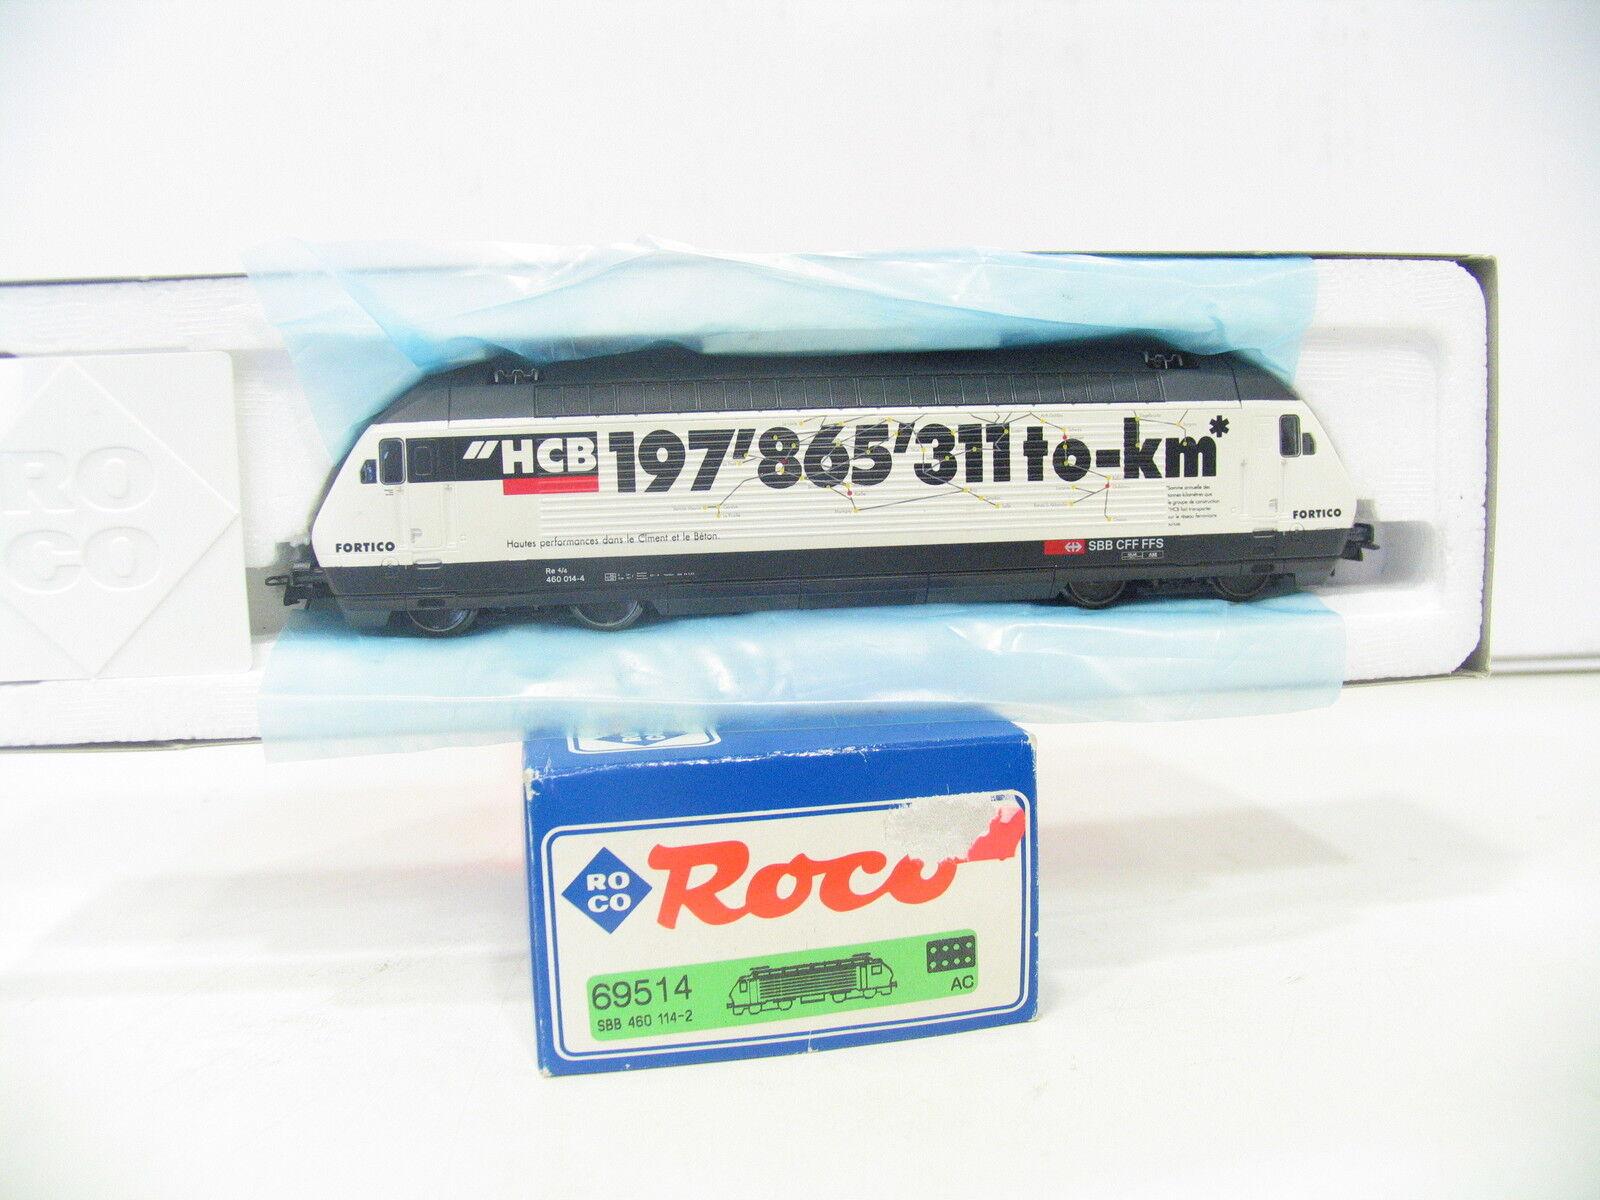 Roco 69514 e-Lok serie 460 de hcb SBB ac as524